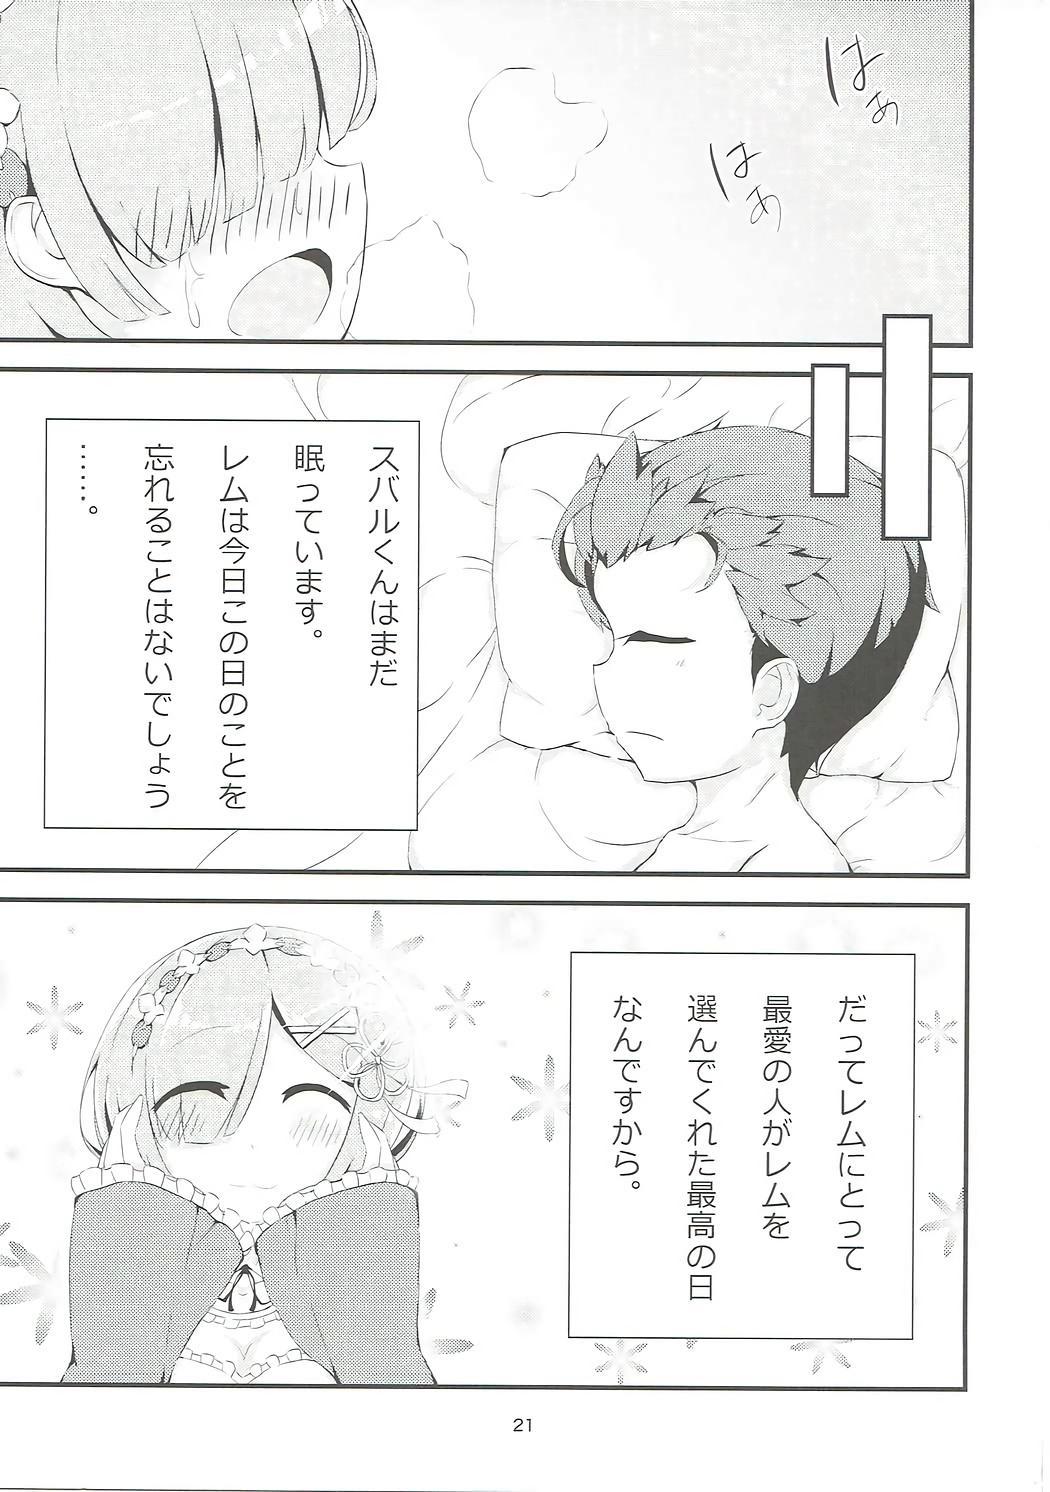 Re:Rem to Hajimeru Dousei Seikatsu 19